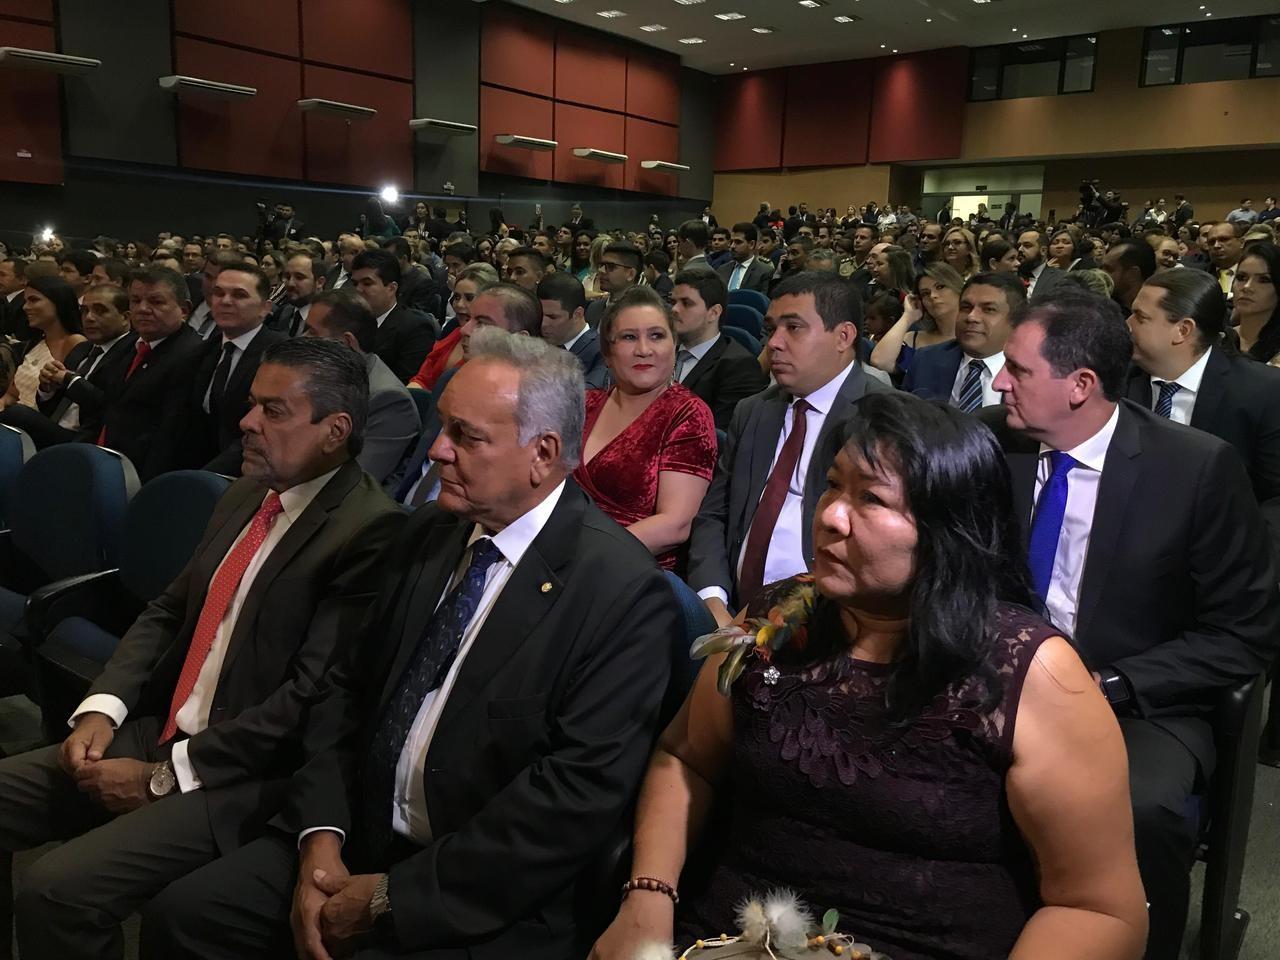 Interventor de Roraima e deputados eleitos presos pela PF são diplomados pelo TRE - Noticias